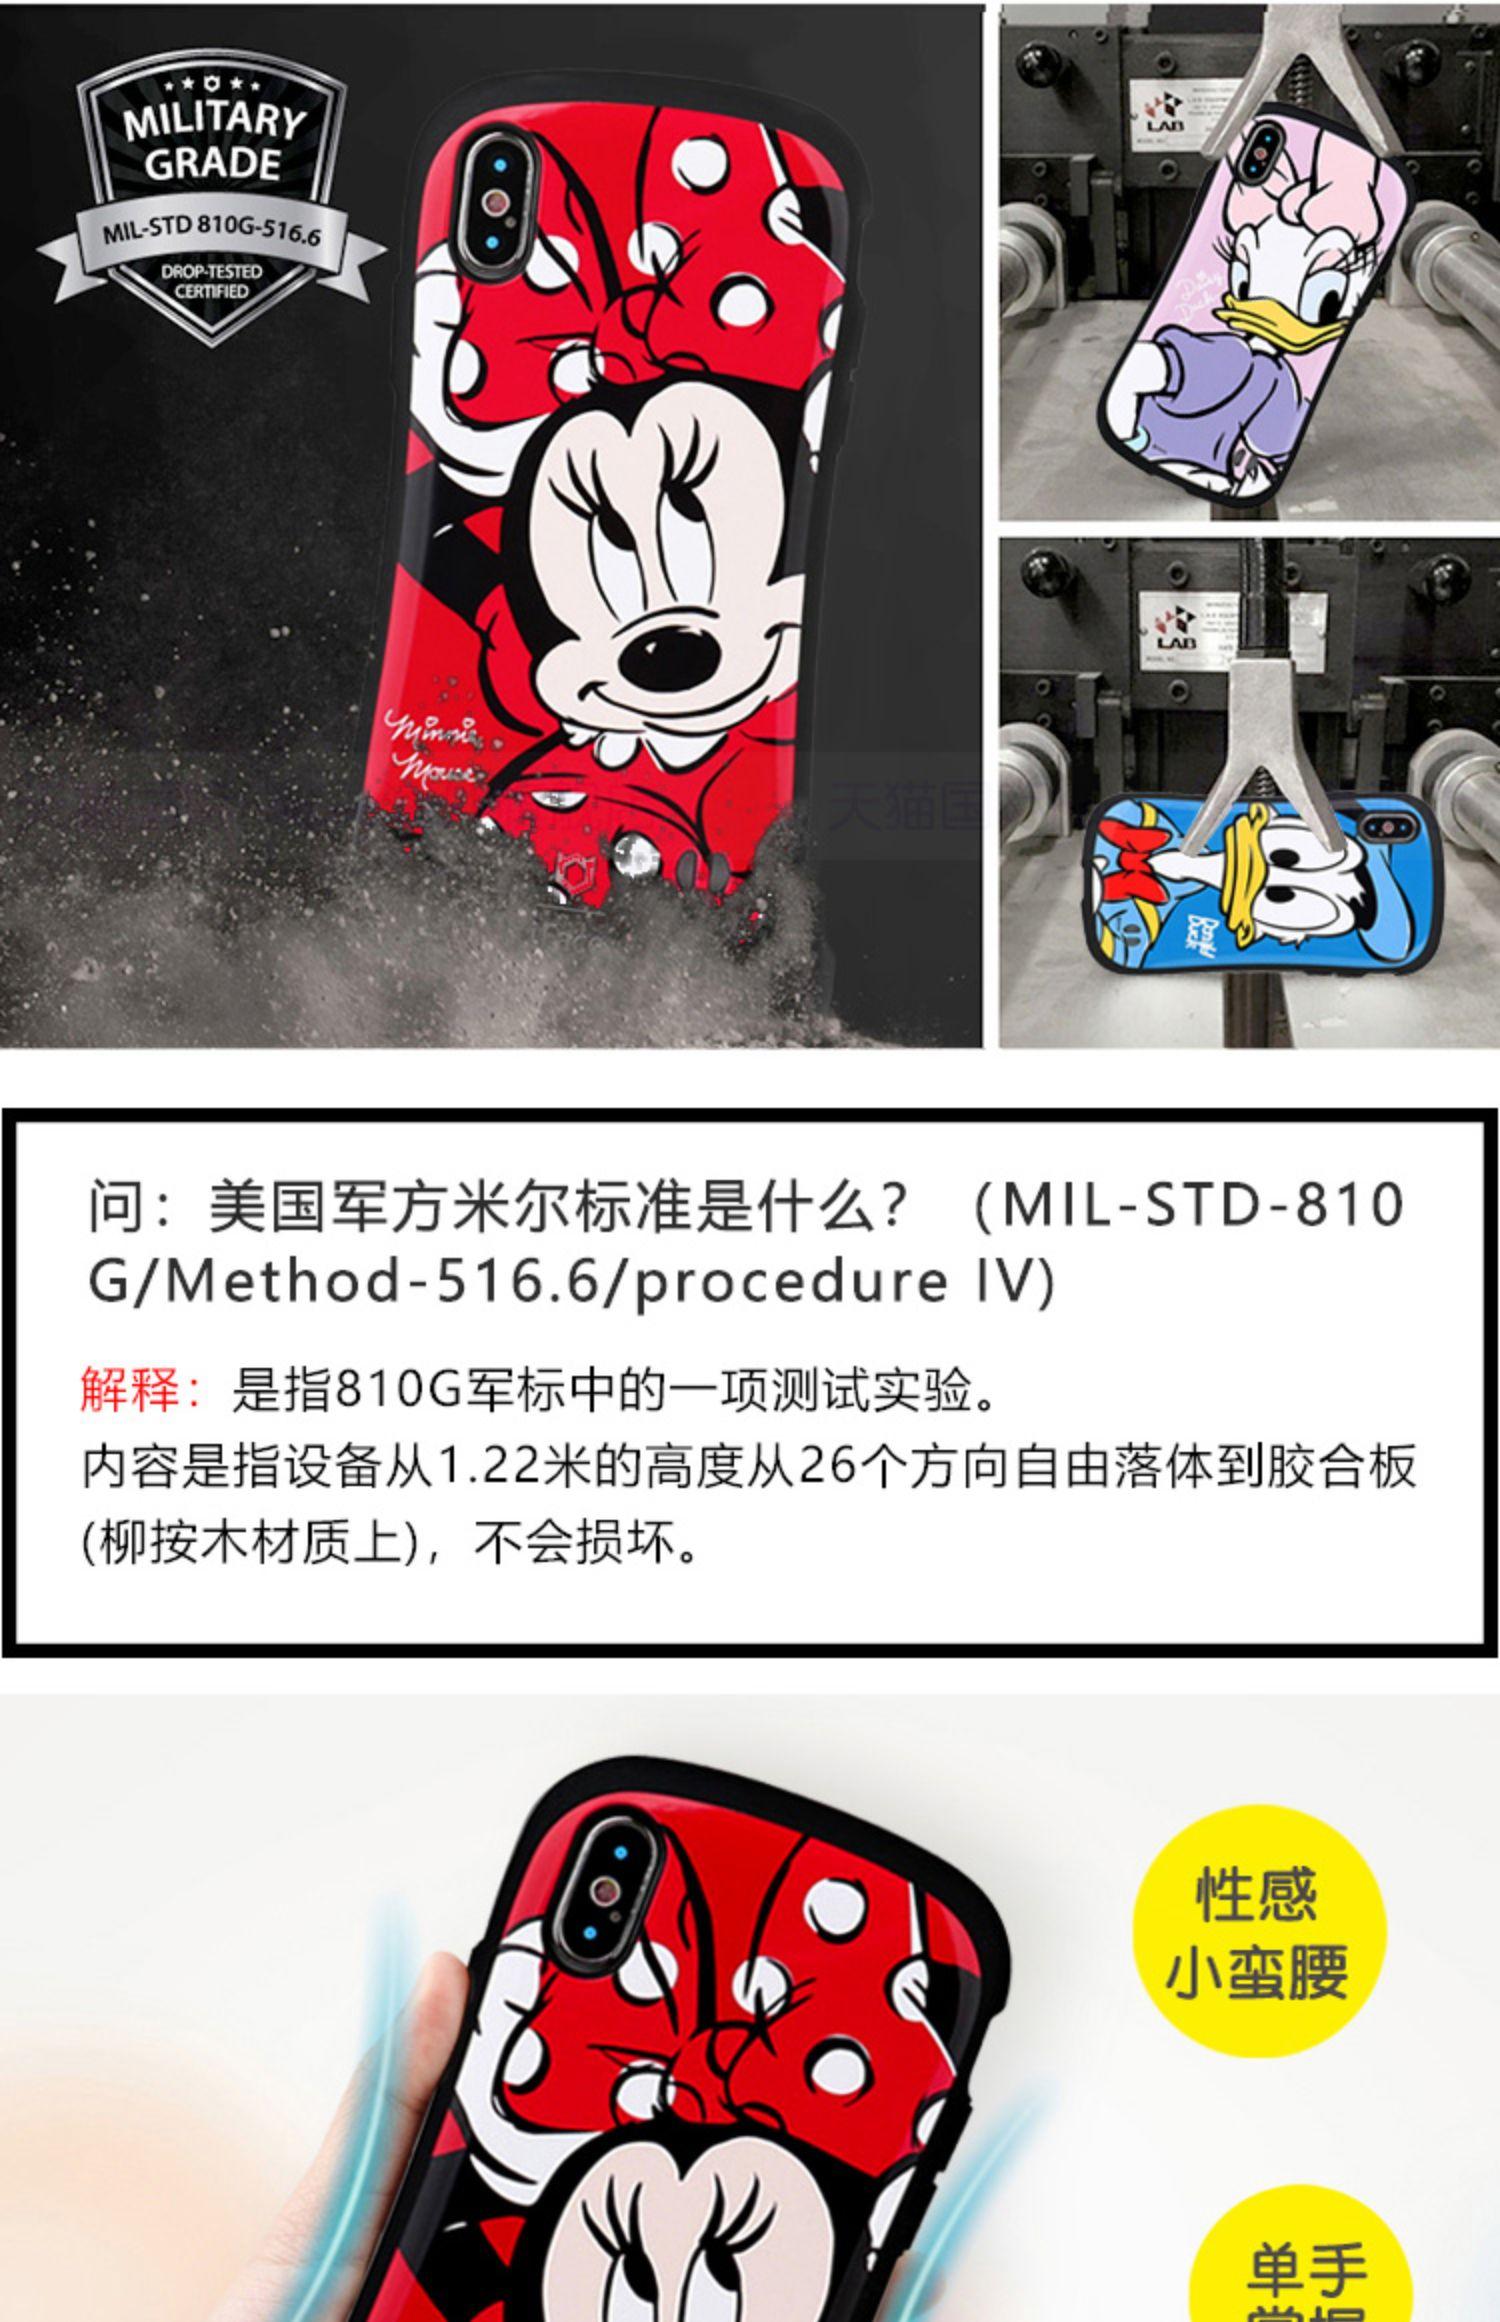 Hamee 苹果iPhoneX/Xs Max/XR手机壳迪士尼米奇iFace抗摔时尚辣妈商品详情图